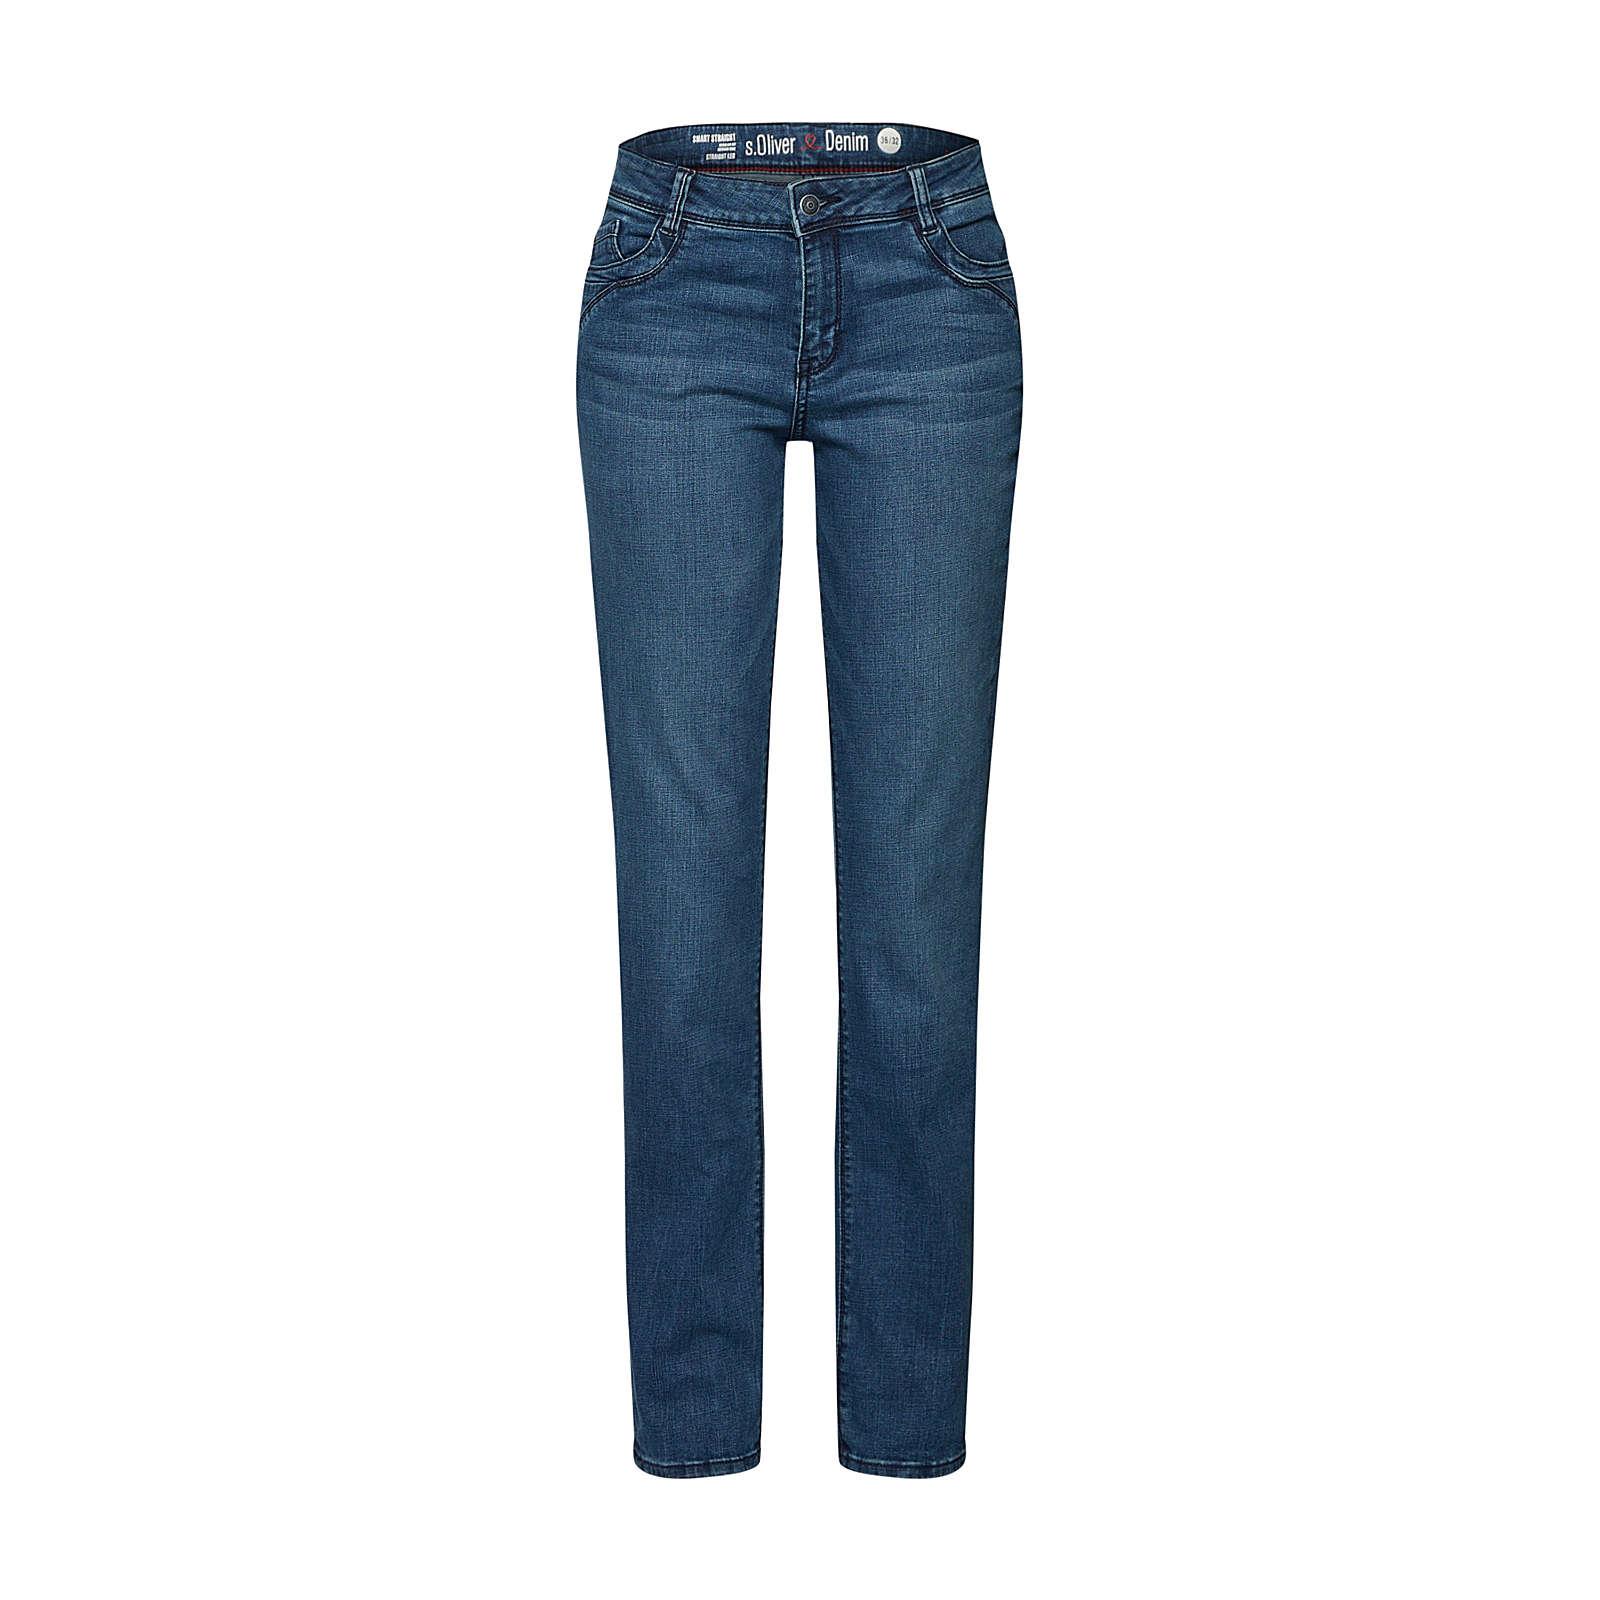 s.Oliver RED LABEL Jeans SMART STRAIGHT Jeanshosen blue denim Damen Gr. 38/L34